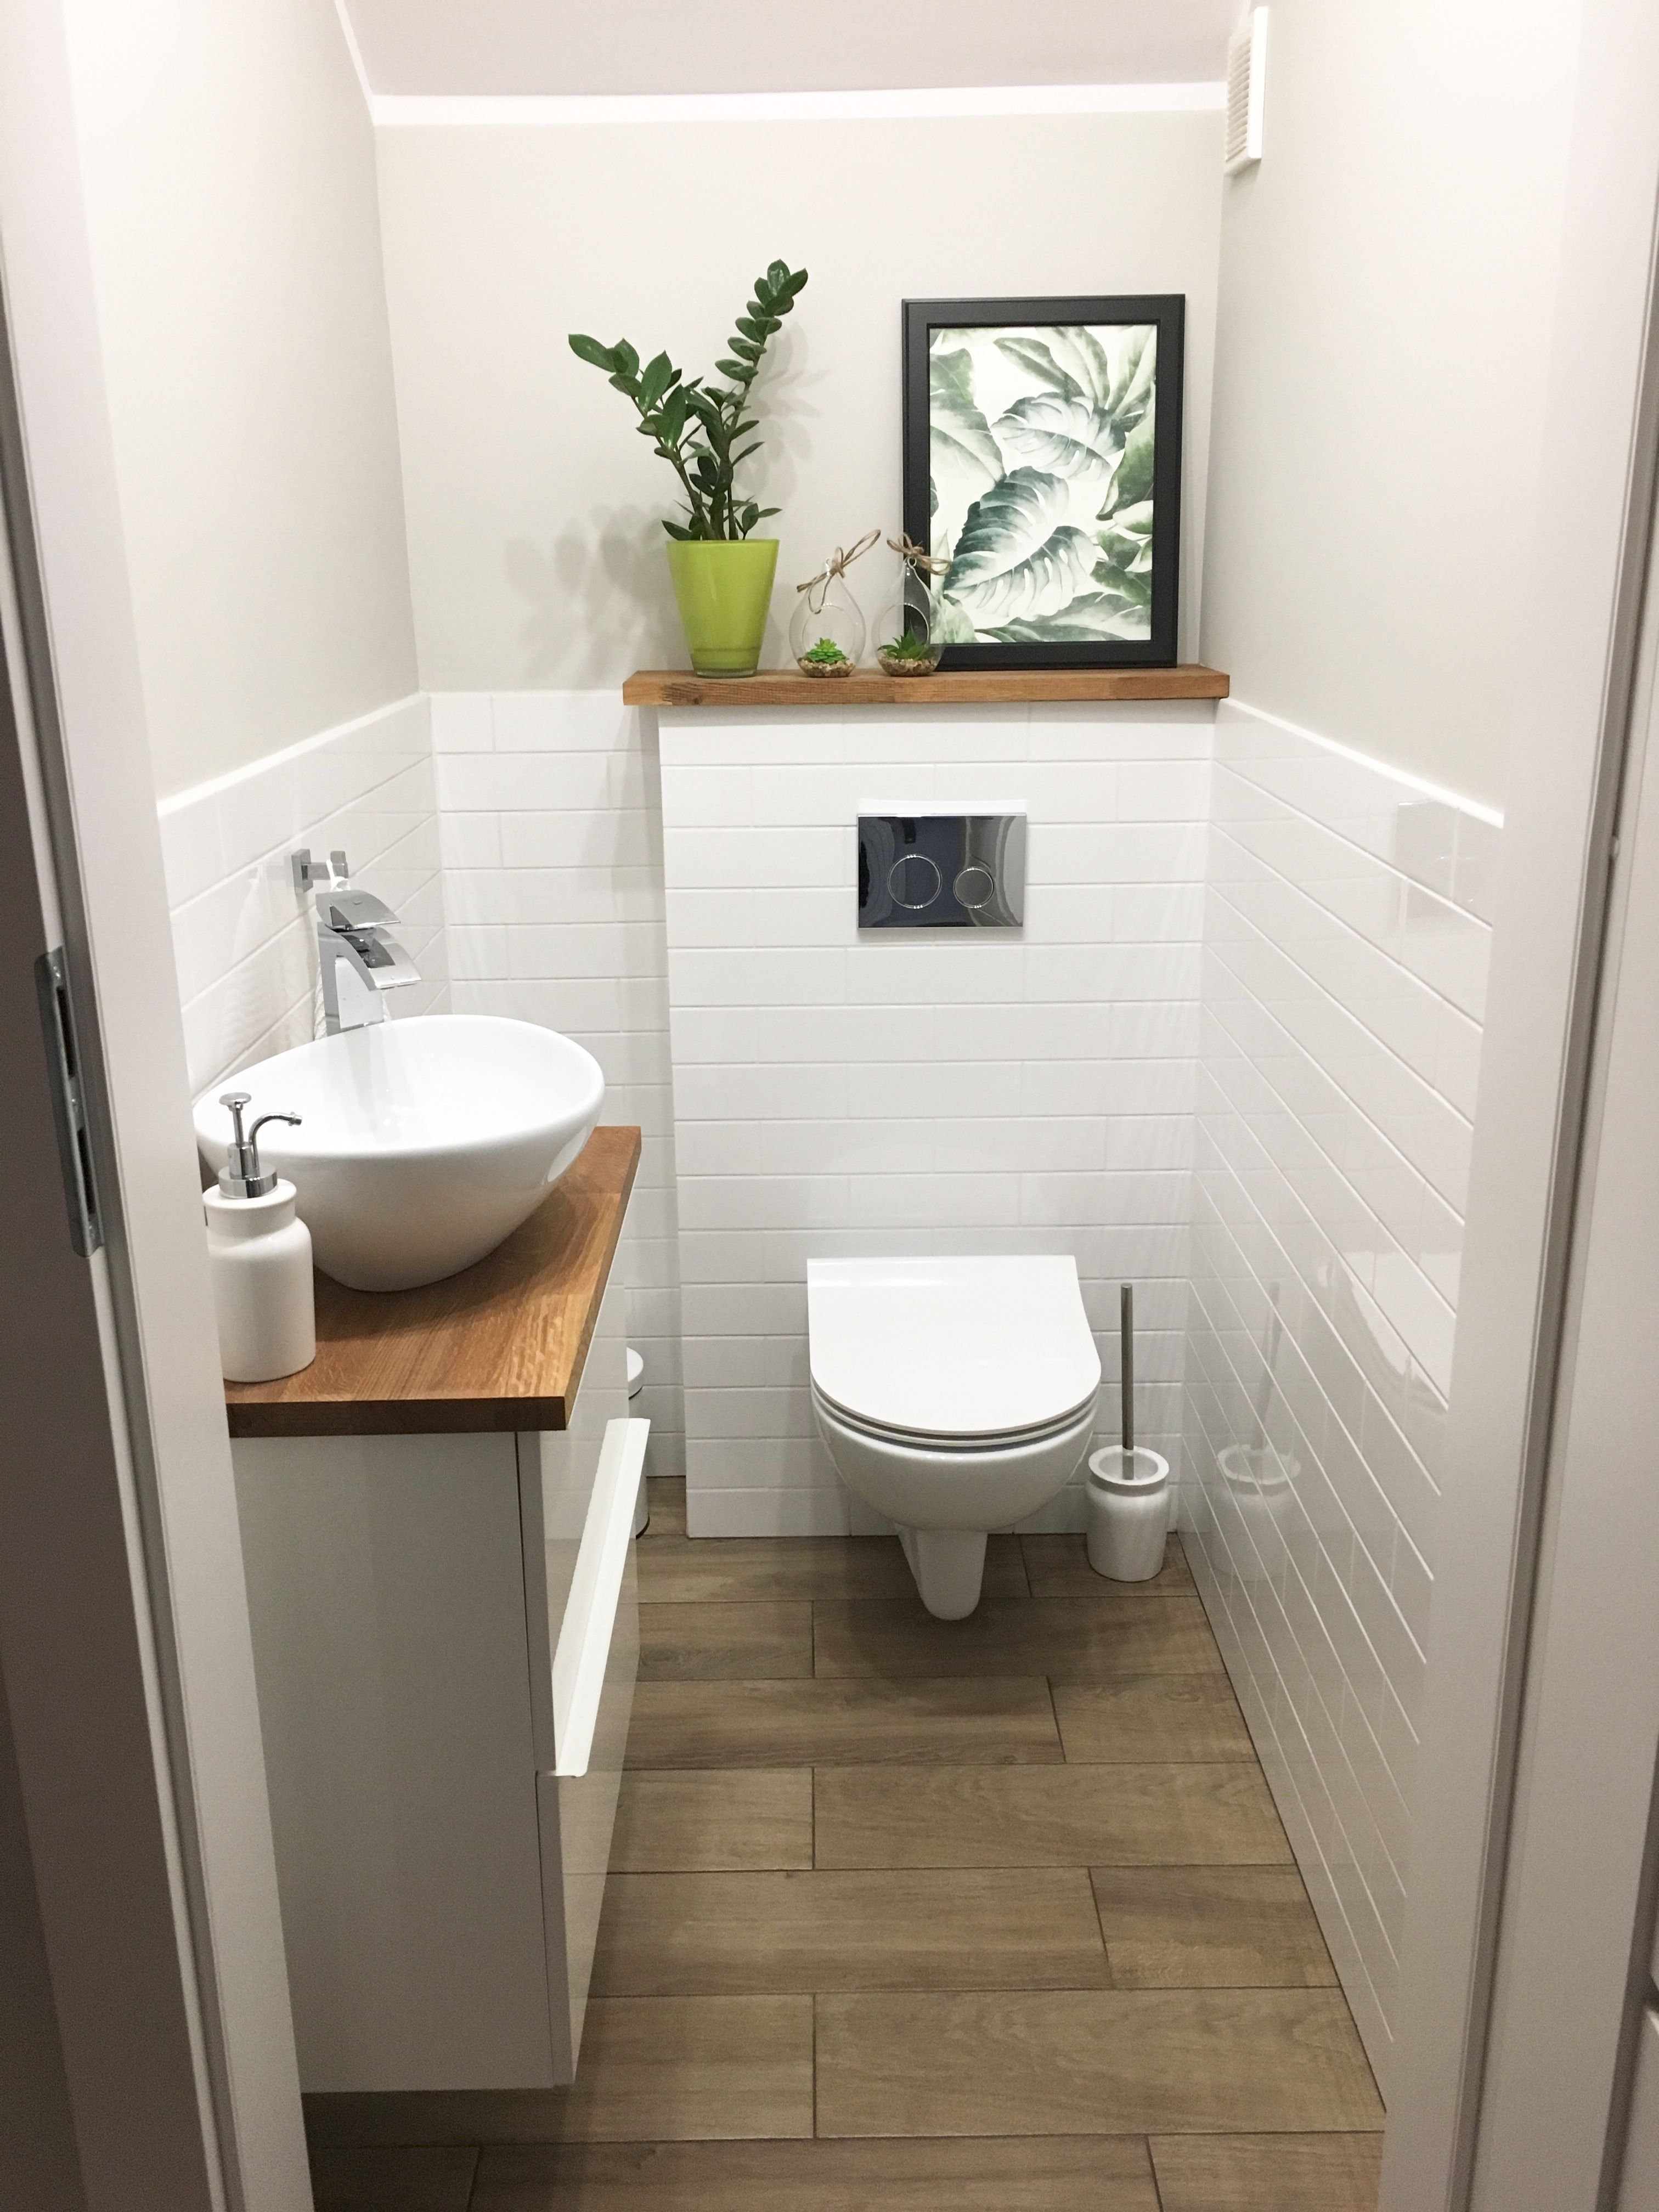 Toaleta Pod Schodami Smalltoiletroom Toaleta Pod Schodami